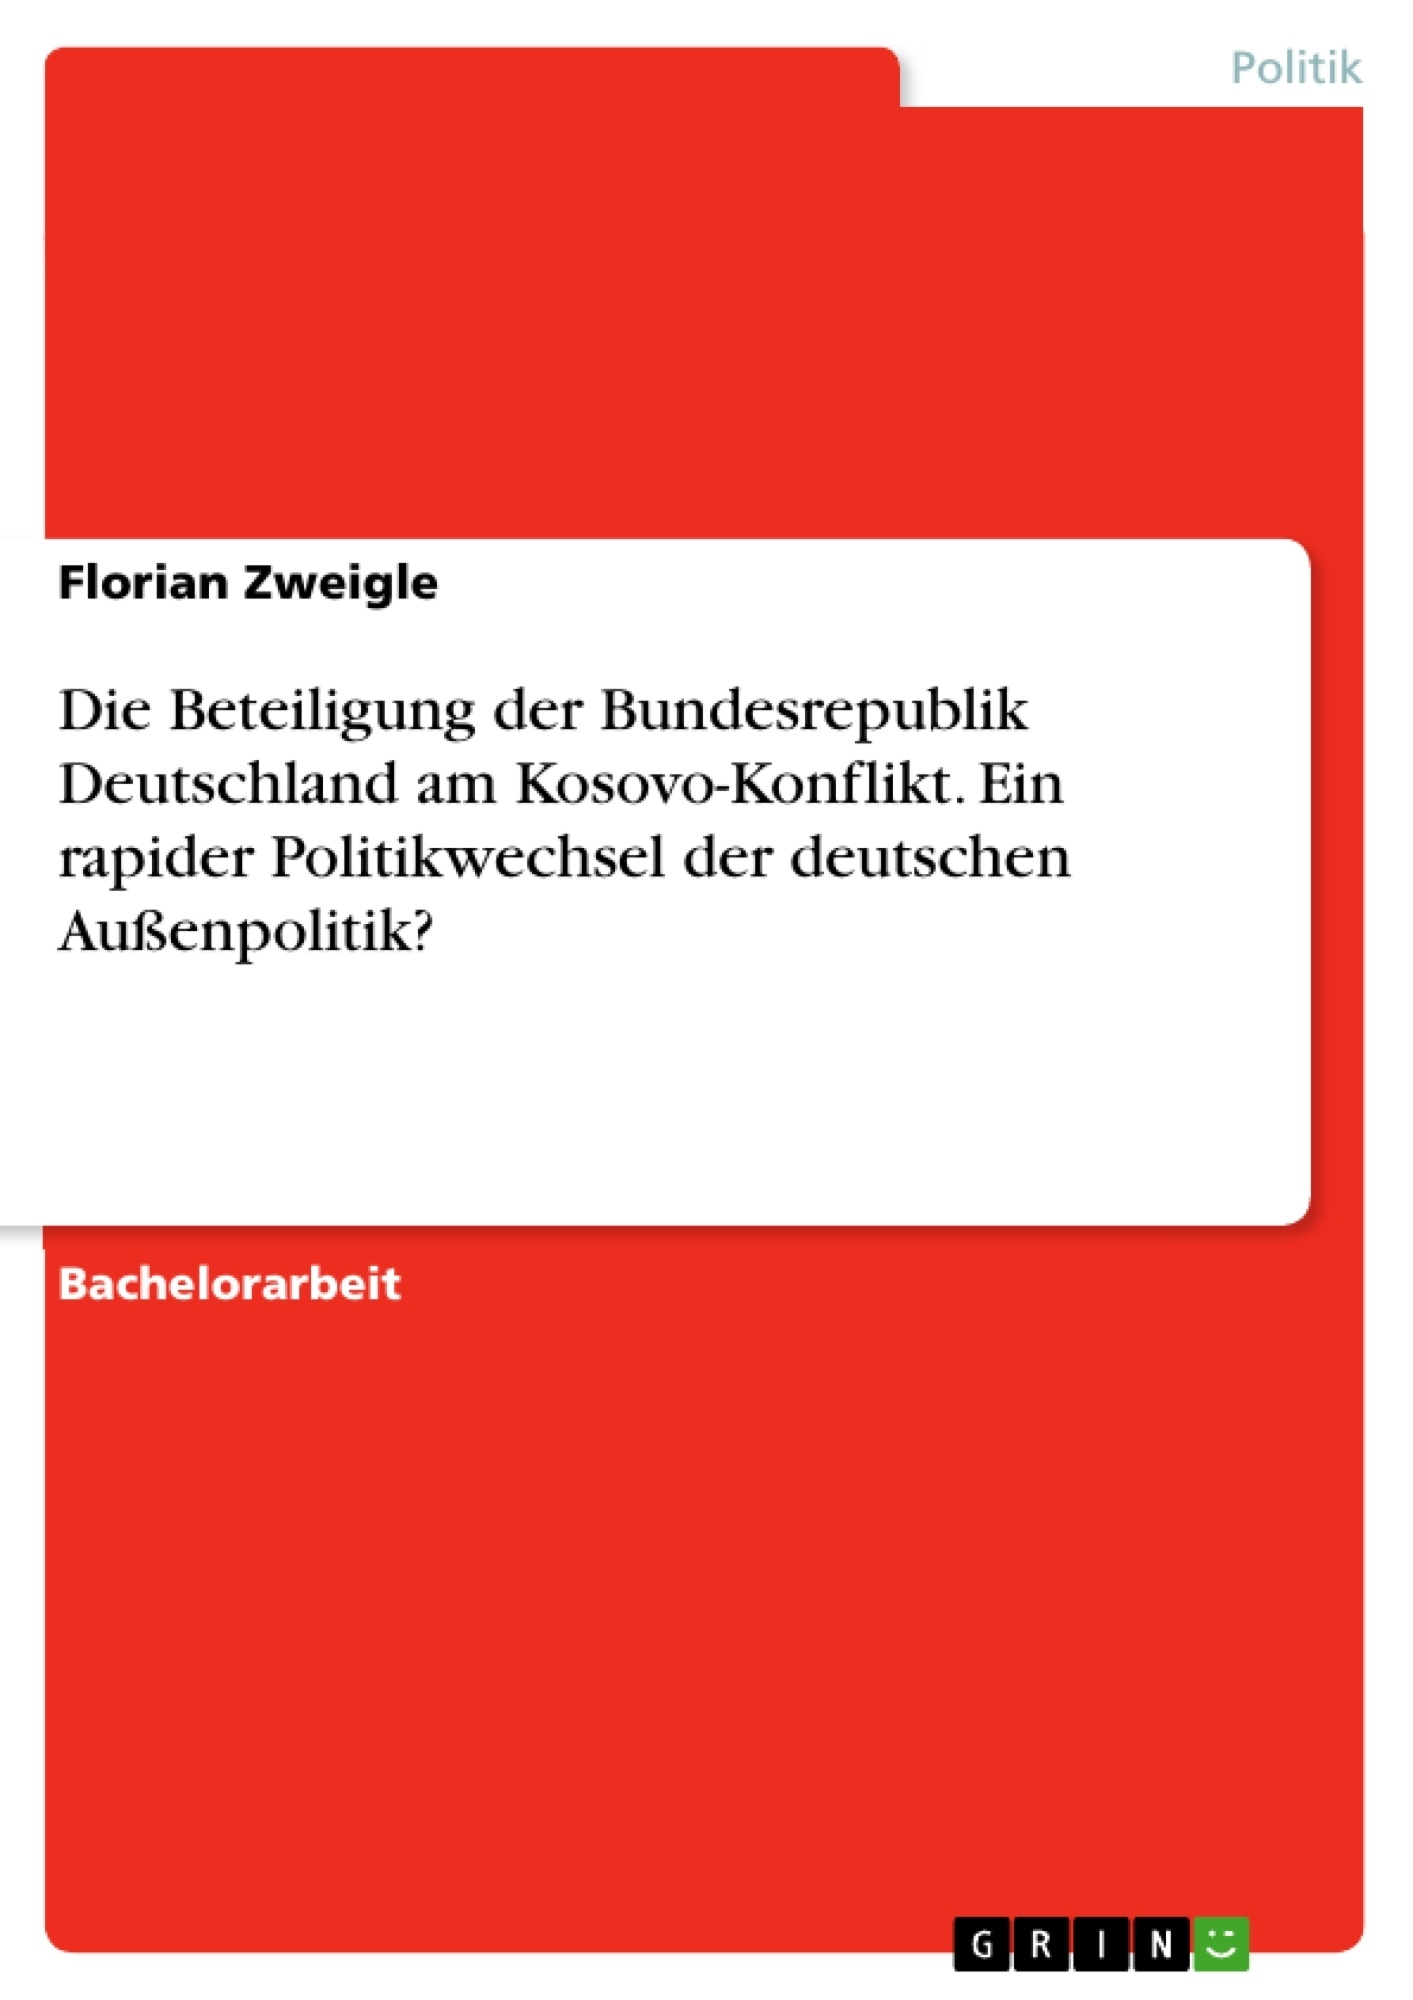 Titel: Die Beteiligung der Bundesrepublik Deutschland am Kosovo-Konflikt. Ein rapider Politikwechsel der deutschen Außenpolitik?